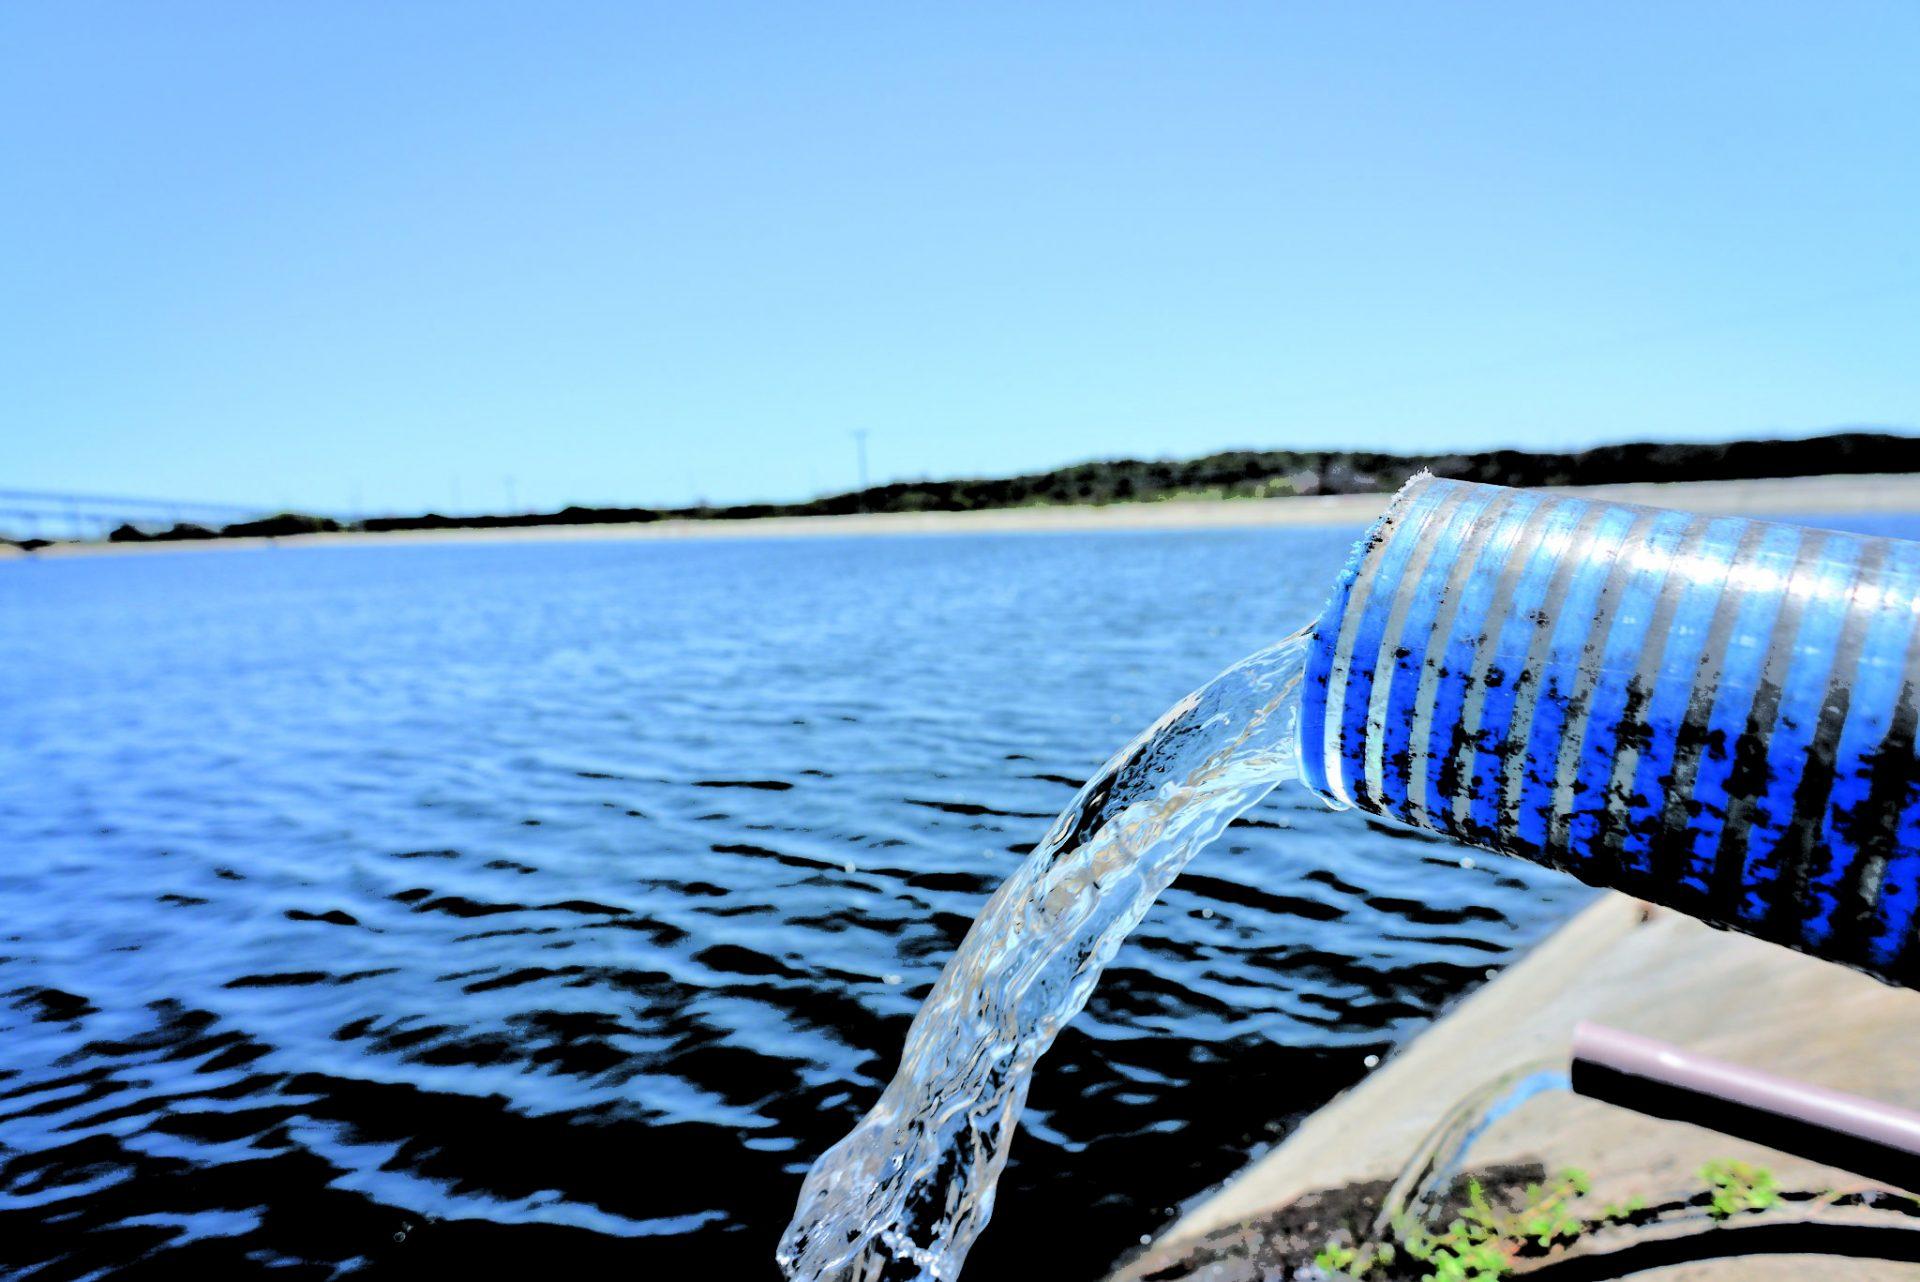 Brasil terá sua maior usina de dessalinização construída no Ceará